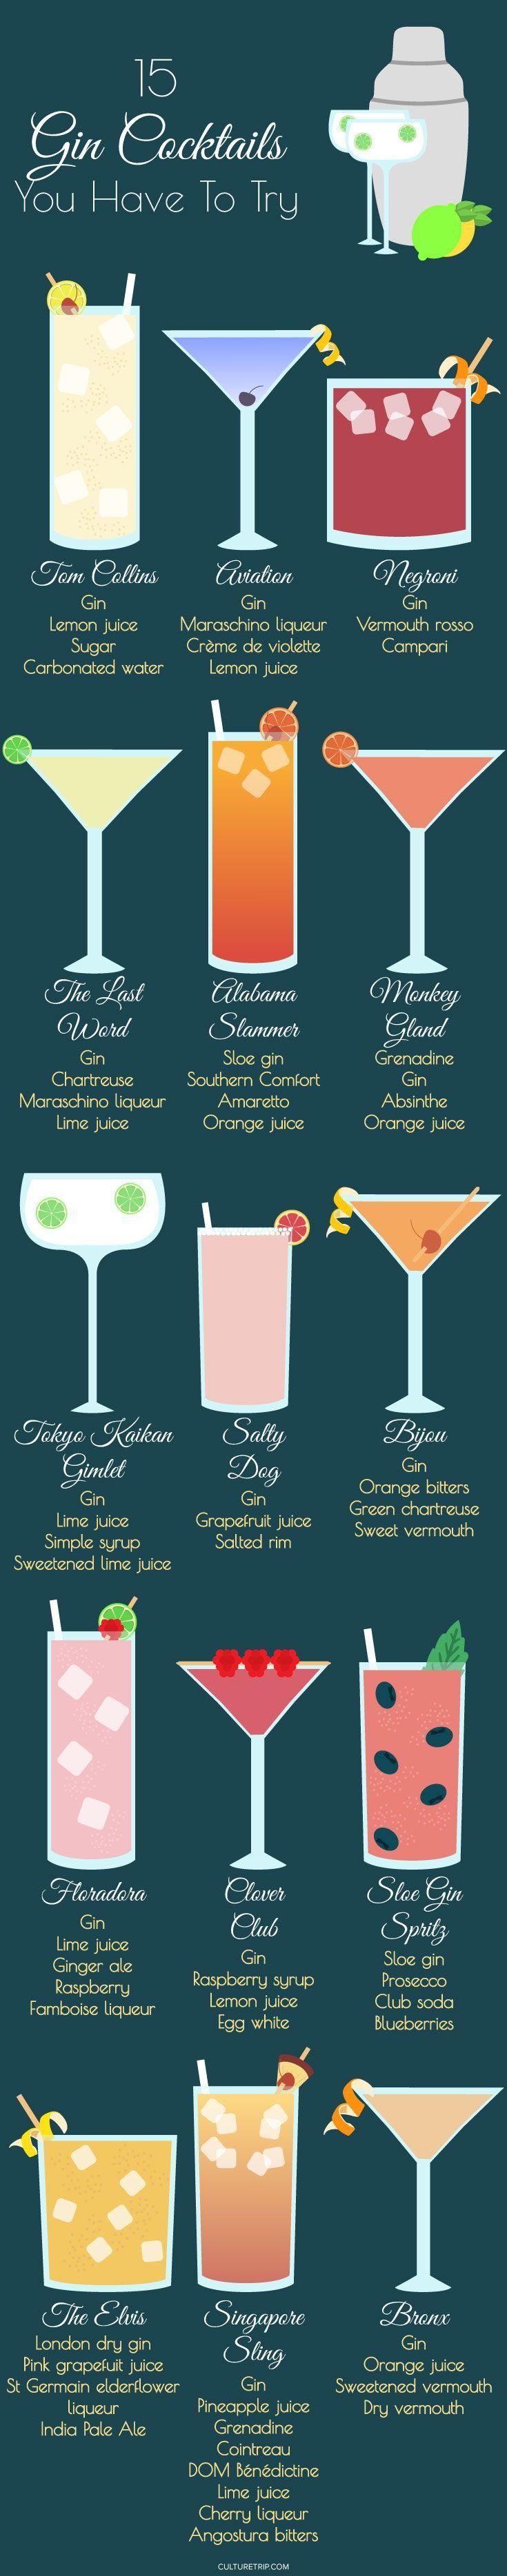 idée d'affichage pour la présentation des cocktails qui pourrait habiller la partie bar lounge